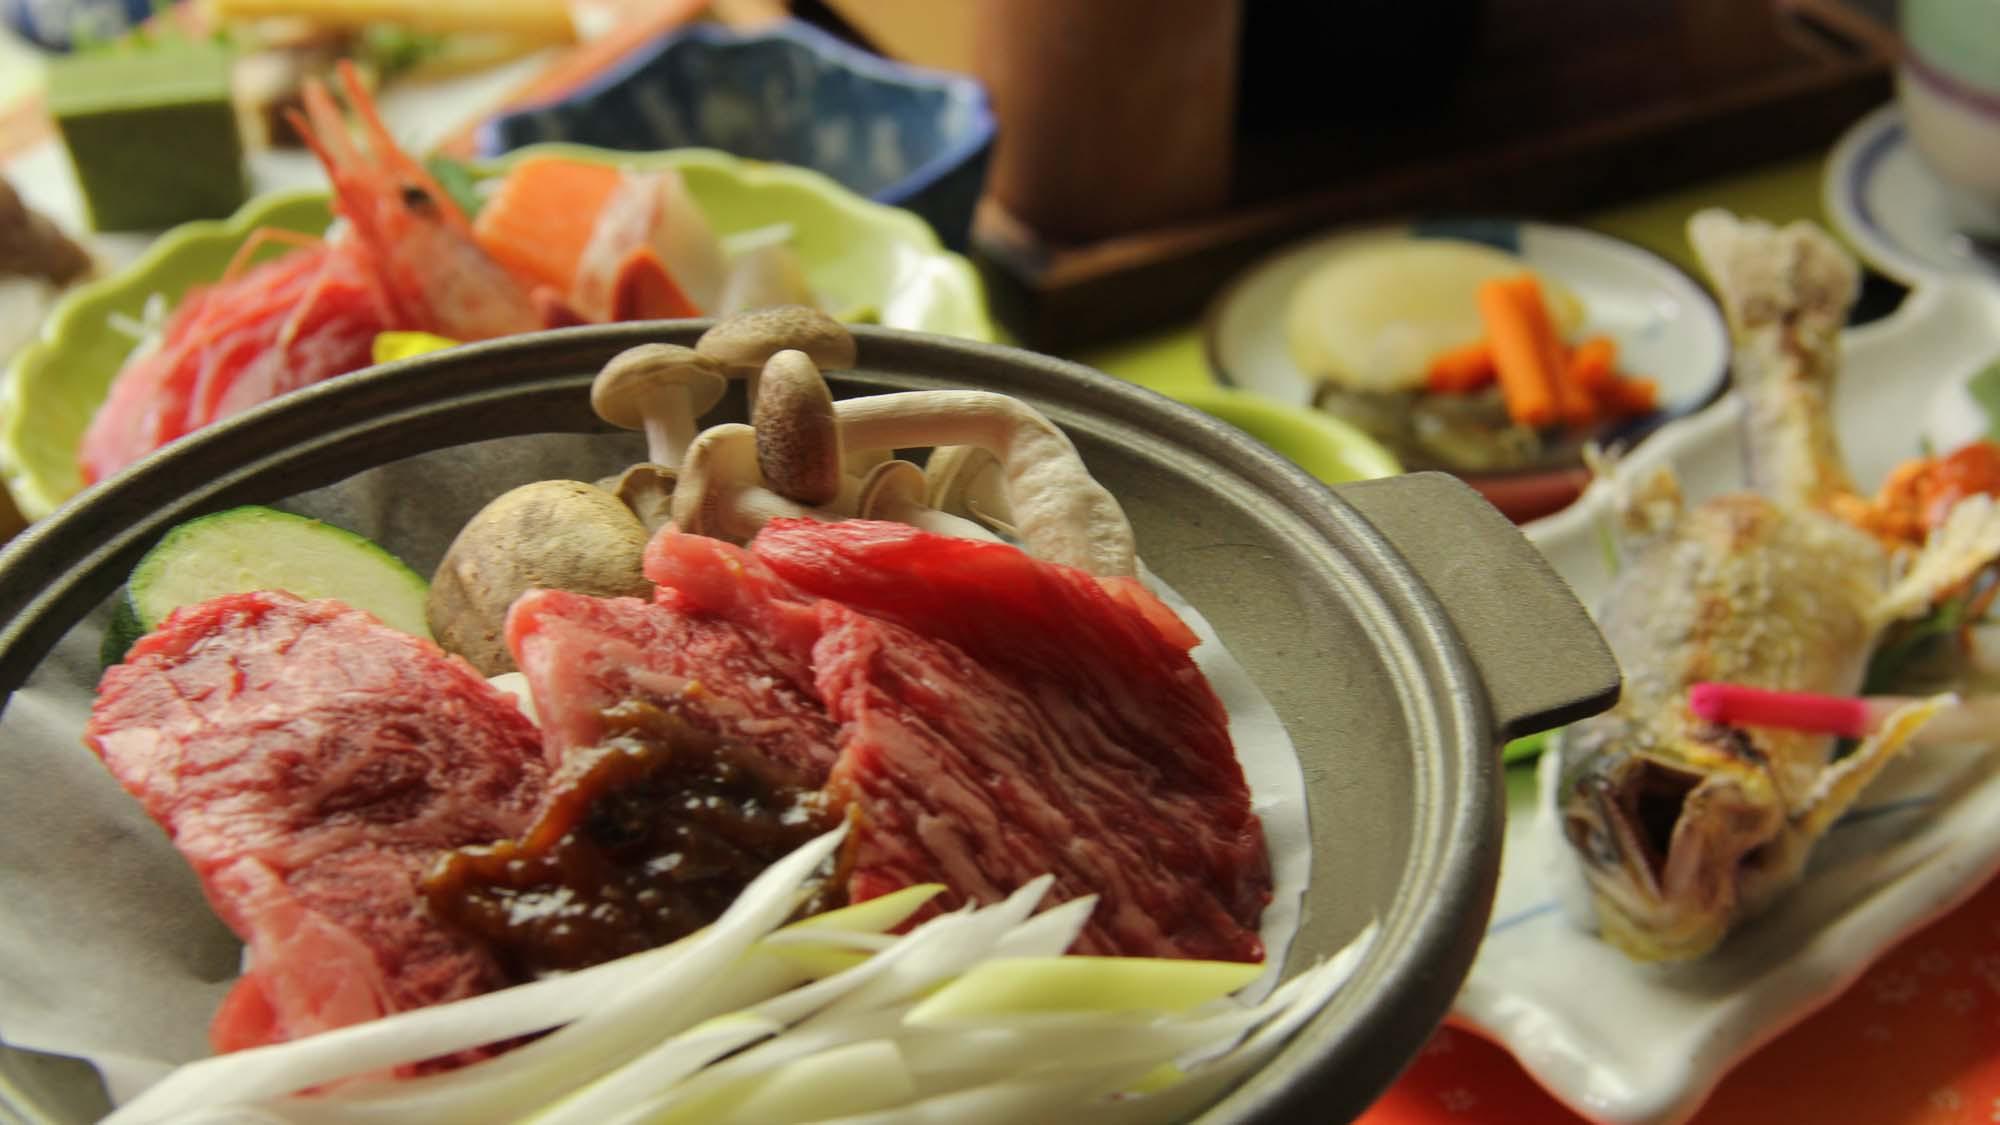 ■【お食事/夏季】〜地物満喫・釜飯コース〜山方牛を自家製味噌とともに(冬は奥久慈しゃも鍋になります)